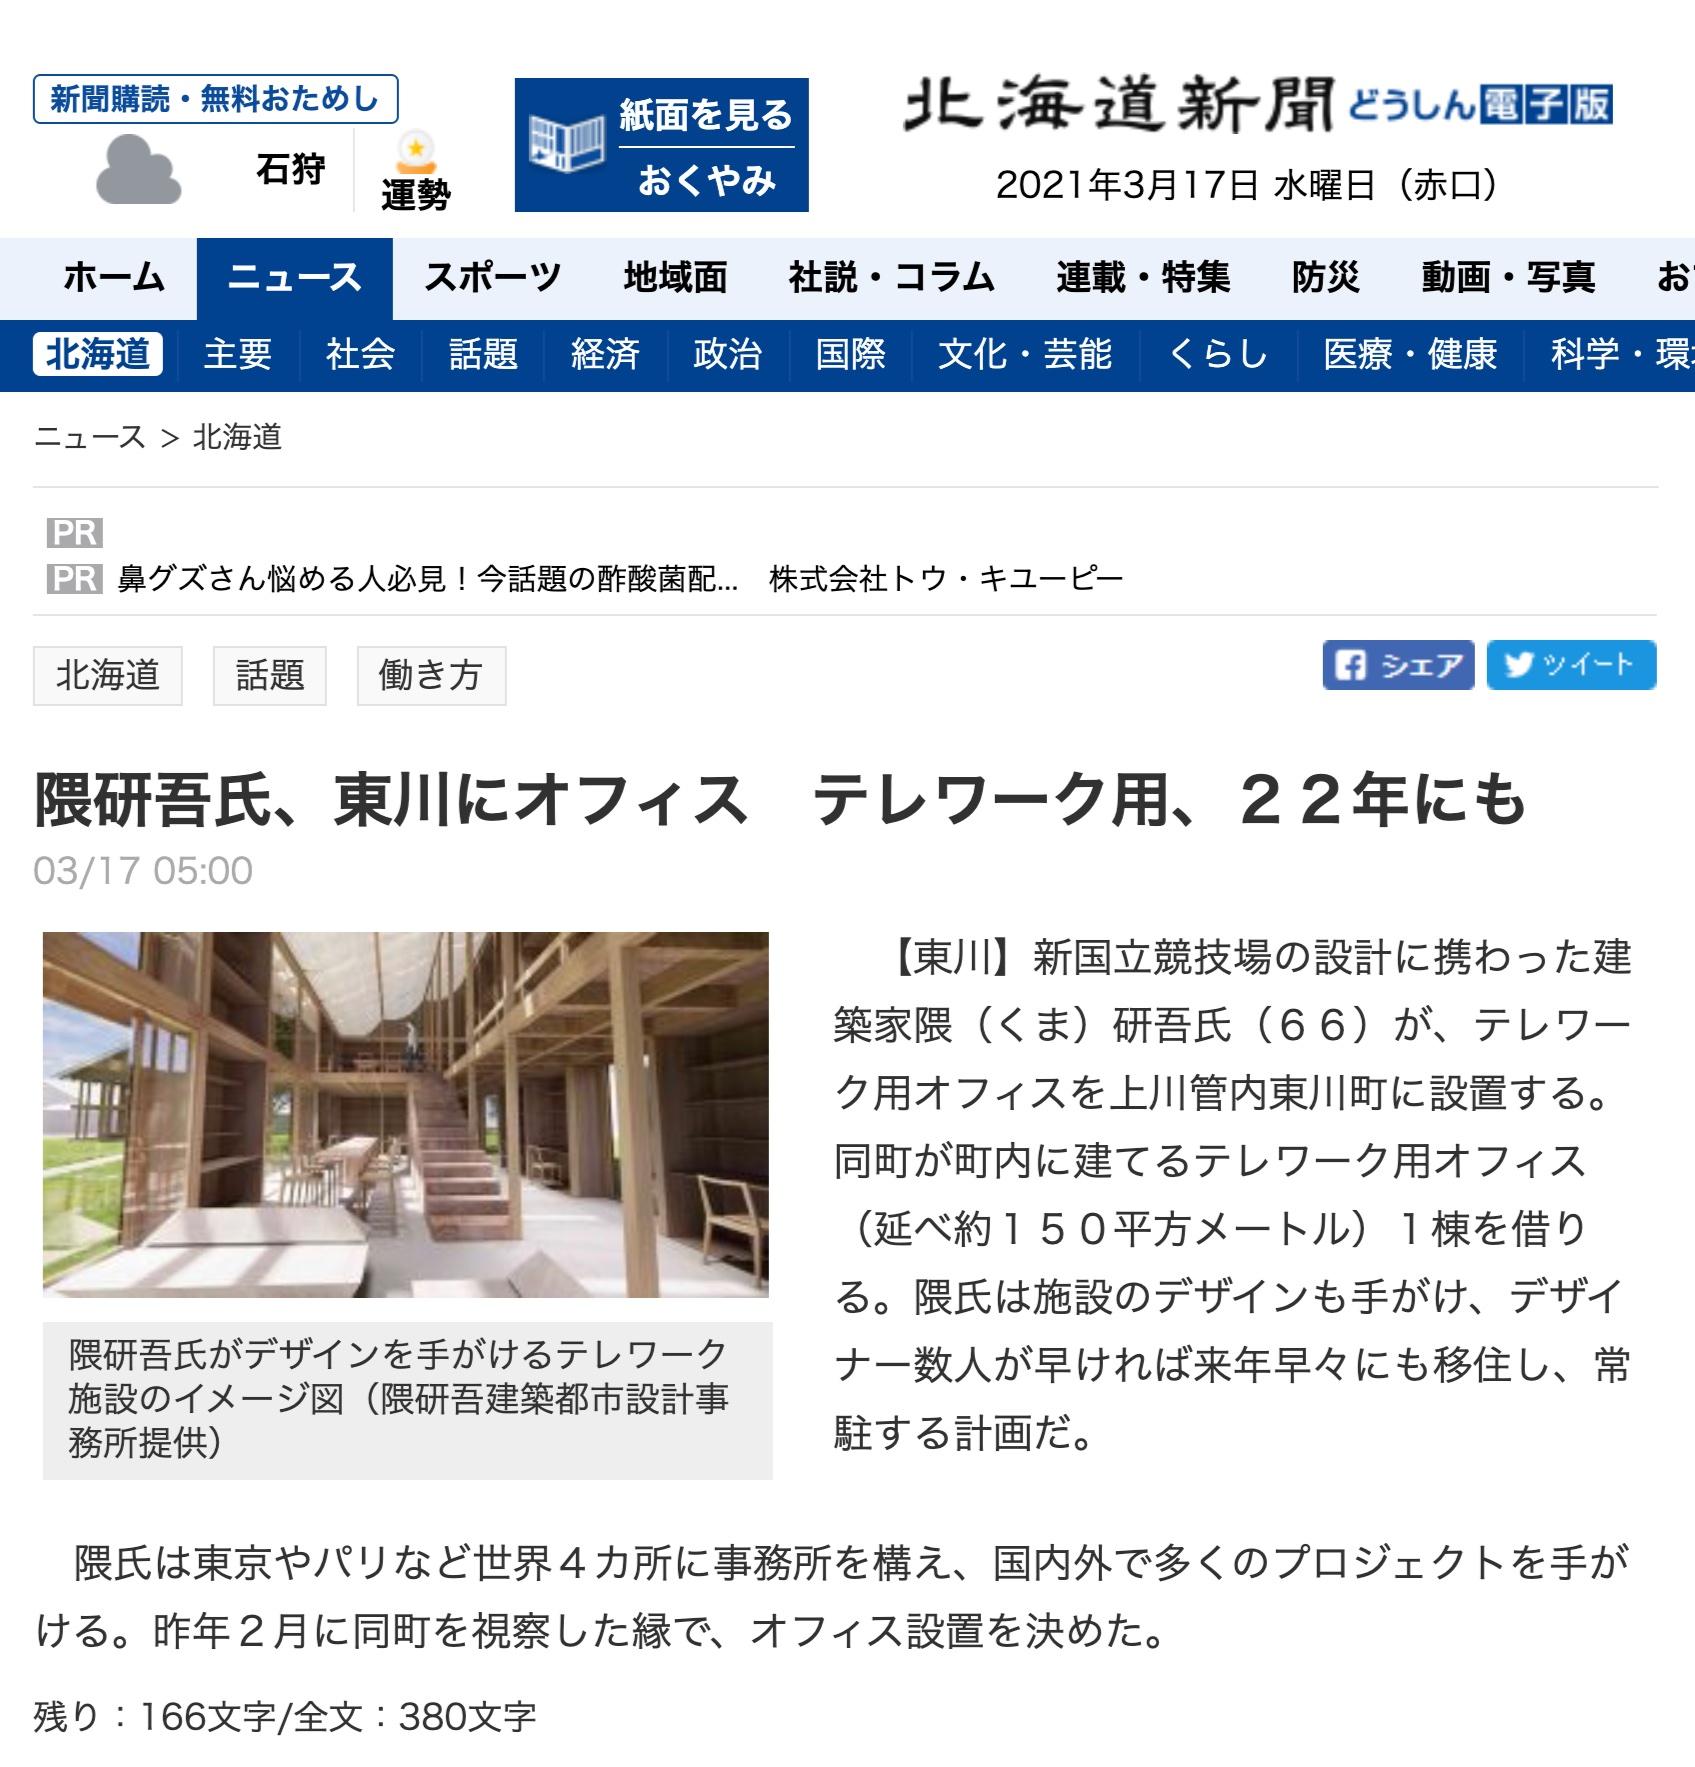 隈研吾氏、東川にオフィス テレワーク用、22年にも